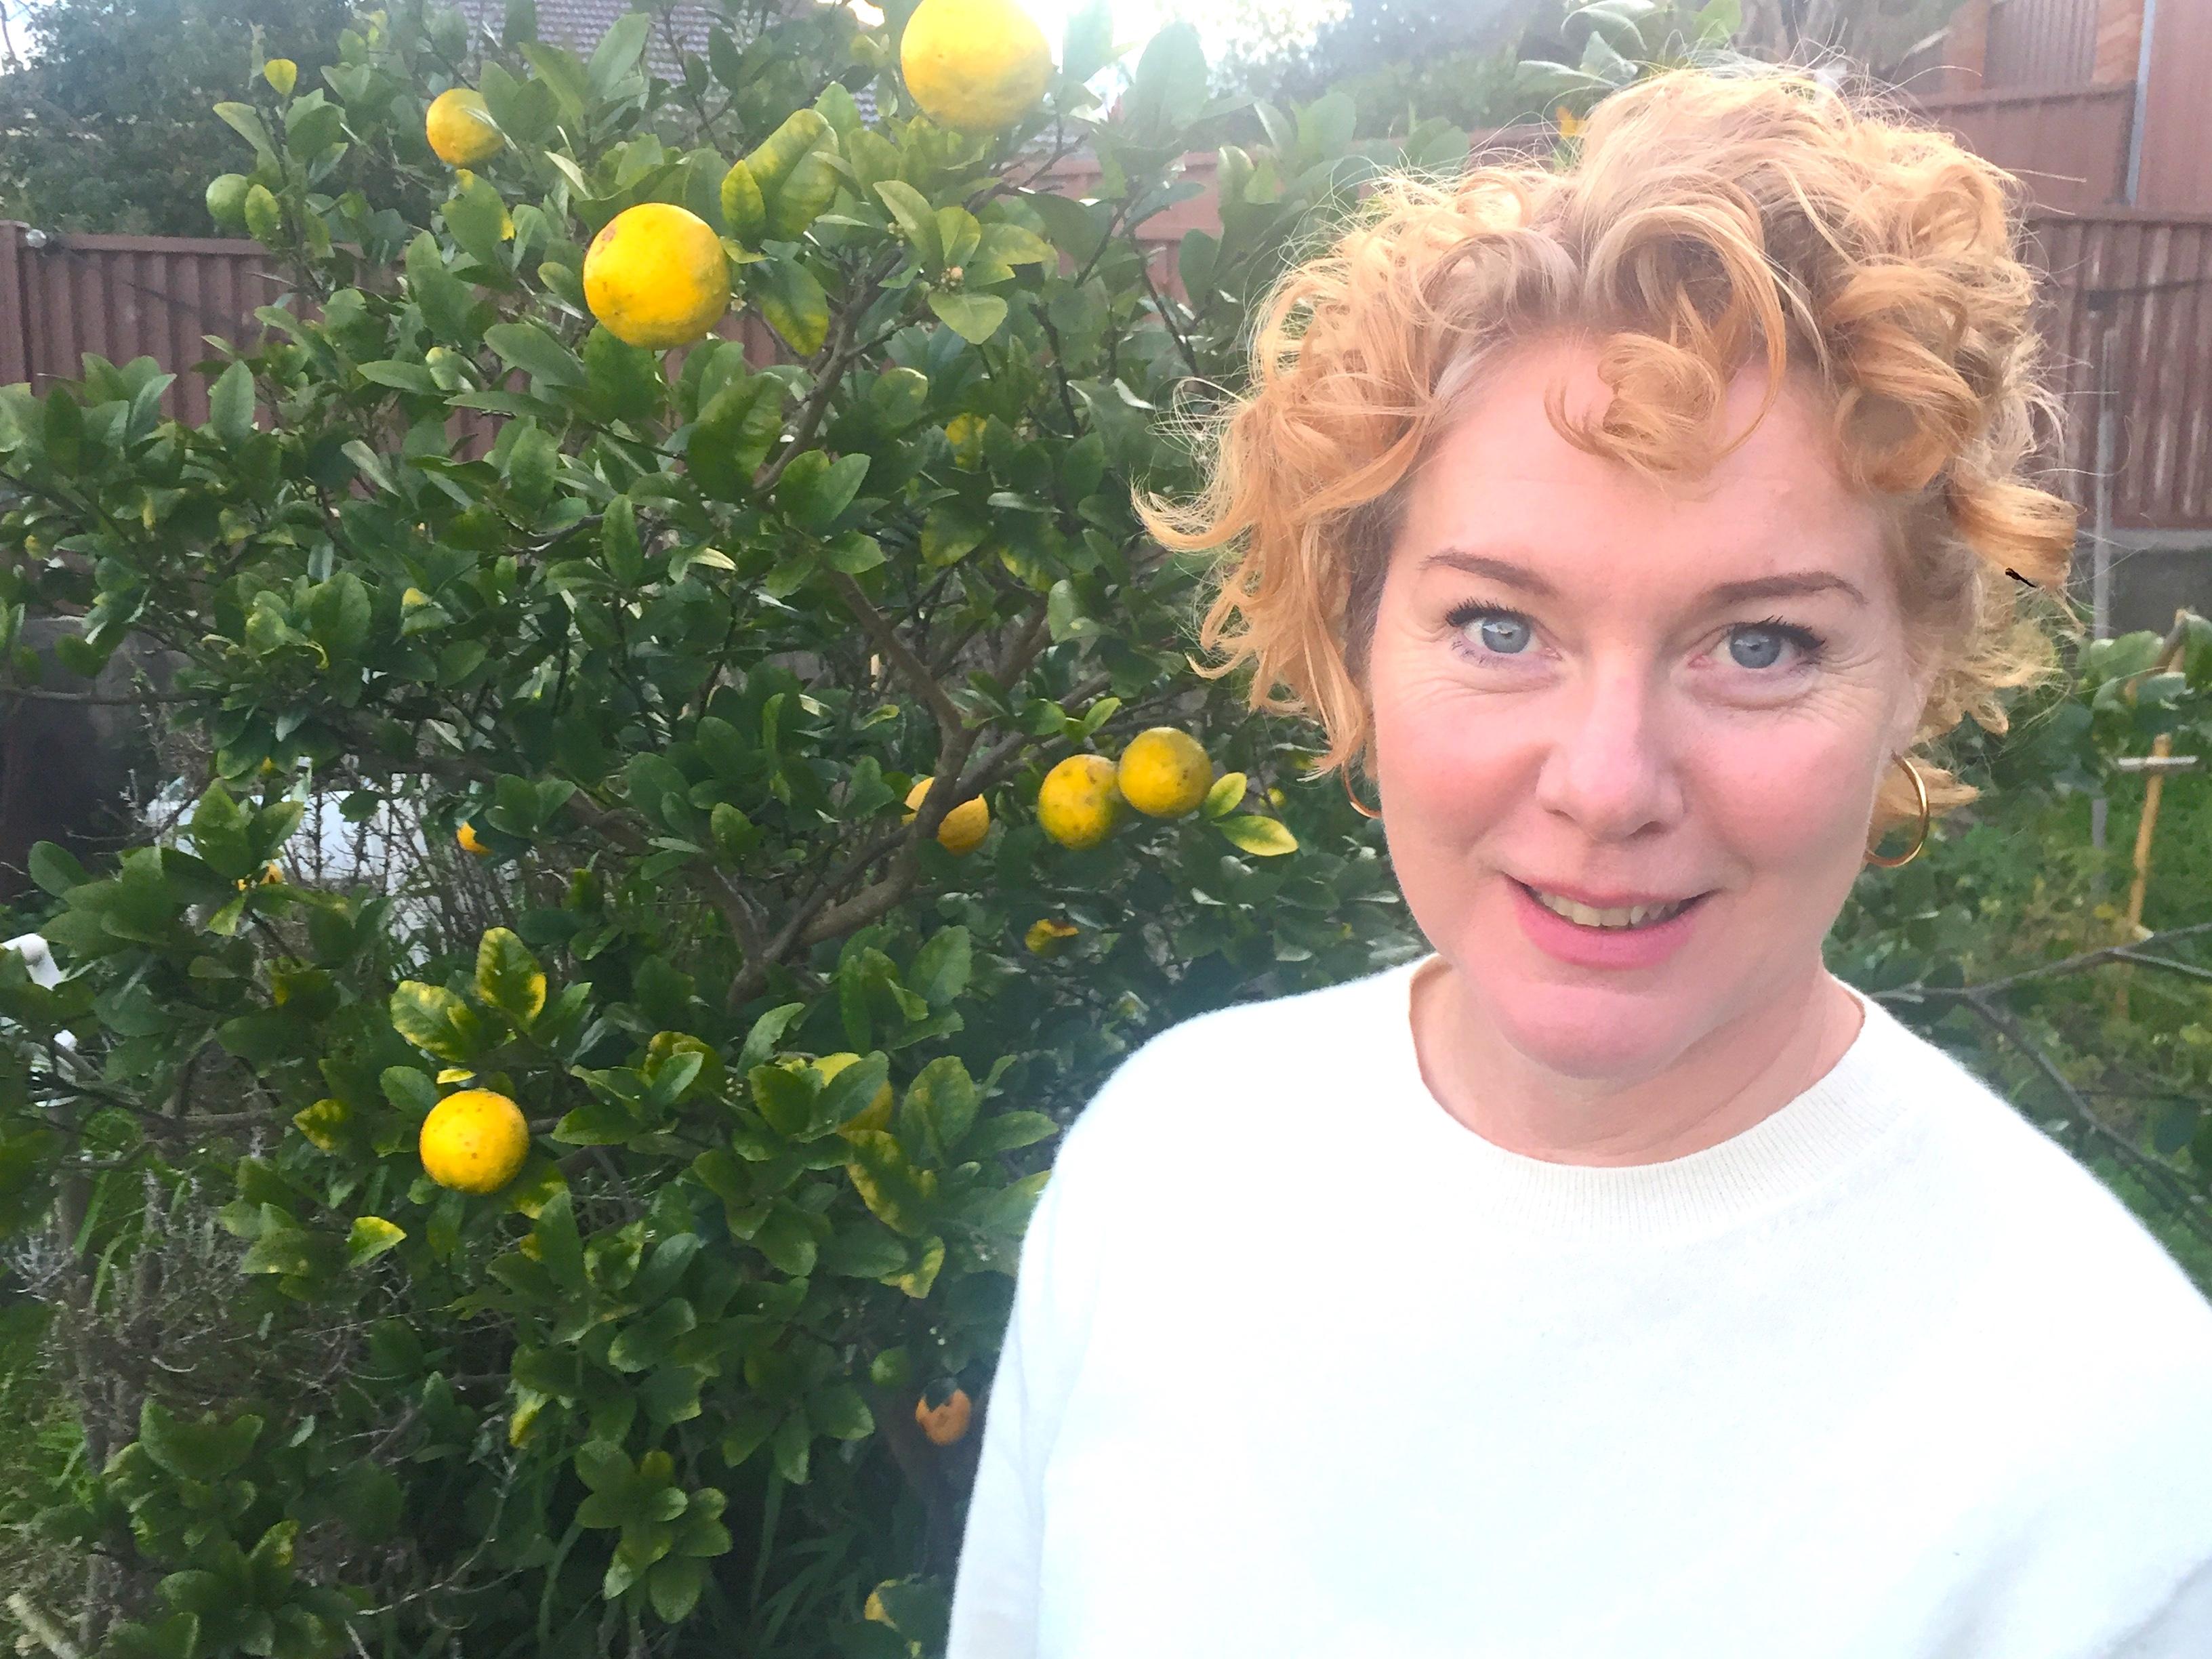 Dr Erin Deirdre Brannigan